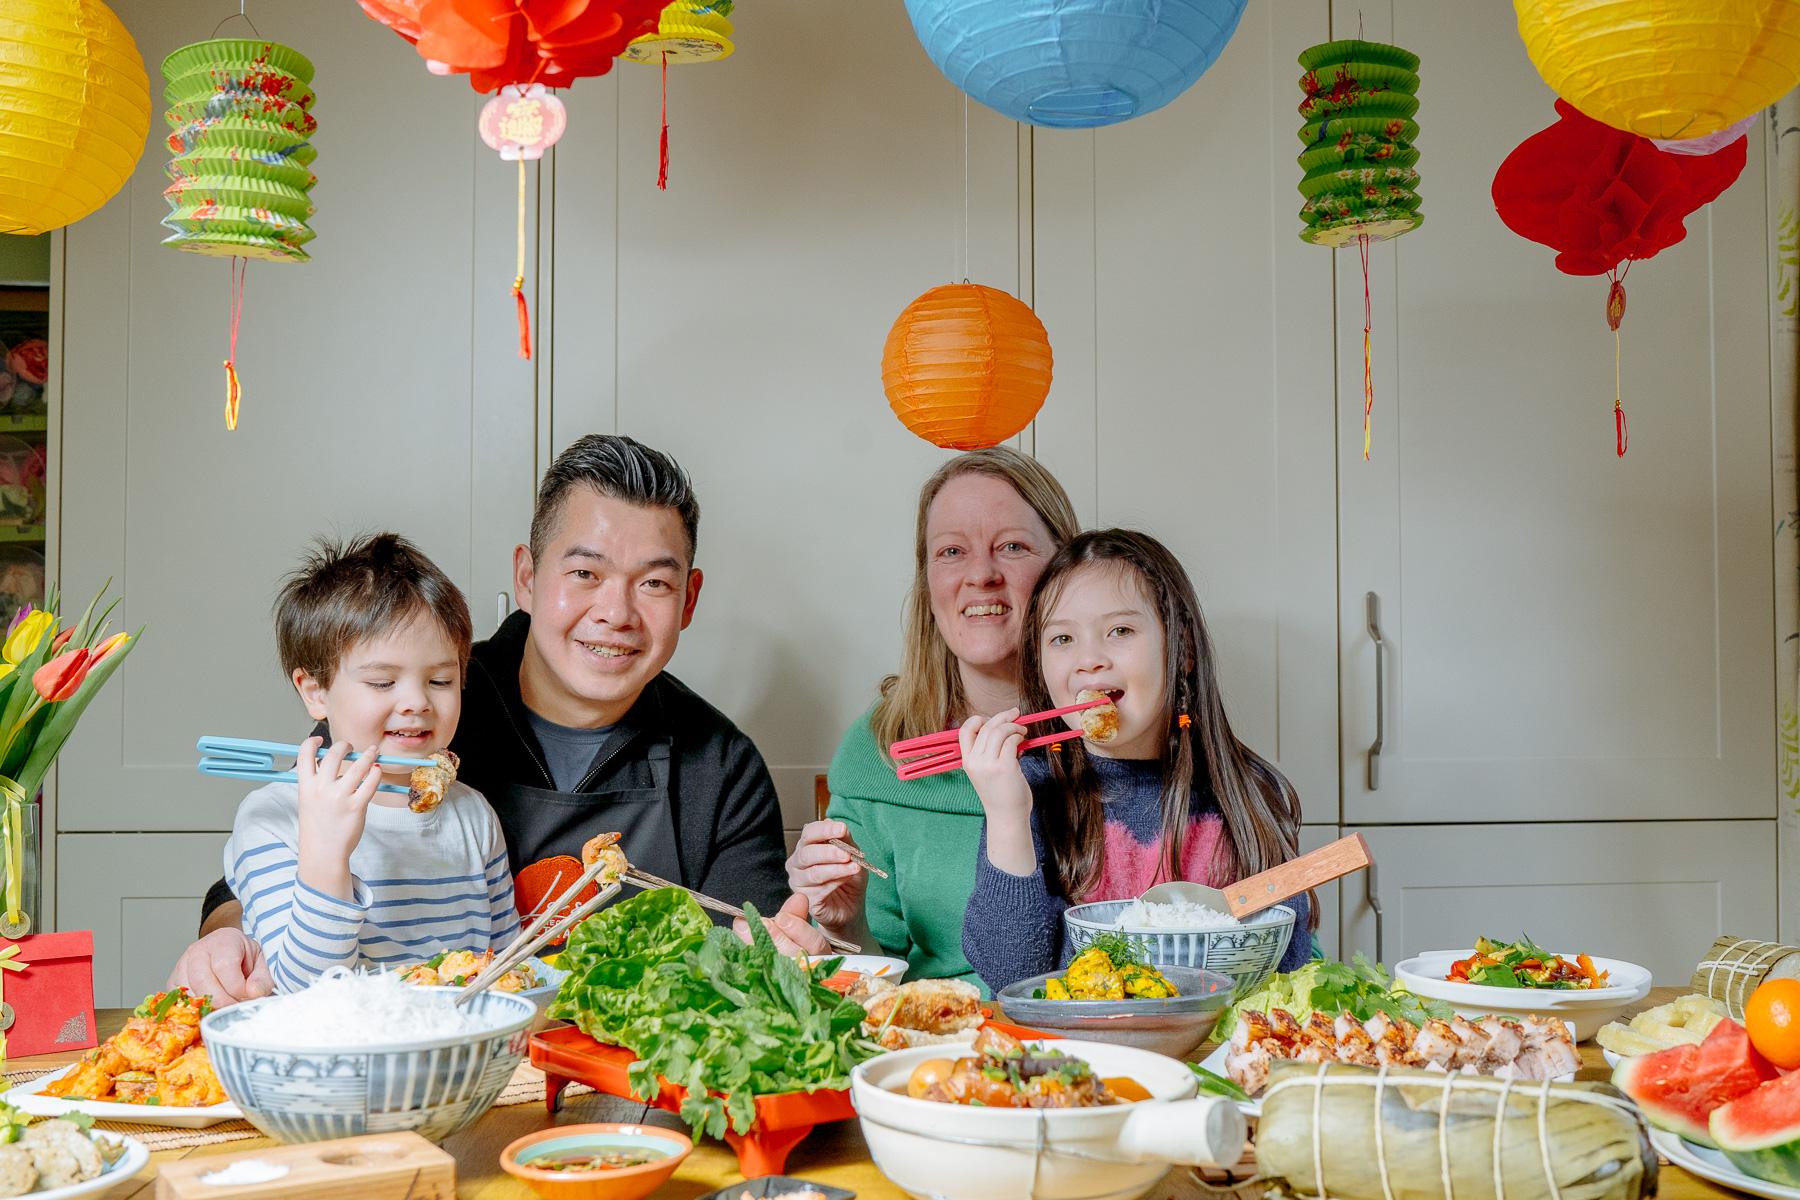 Tet - Vietnamese Lunar New Year